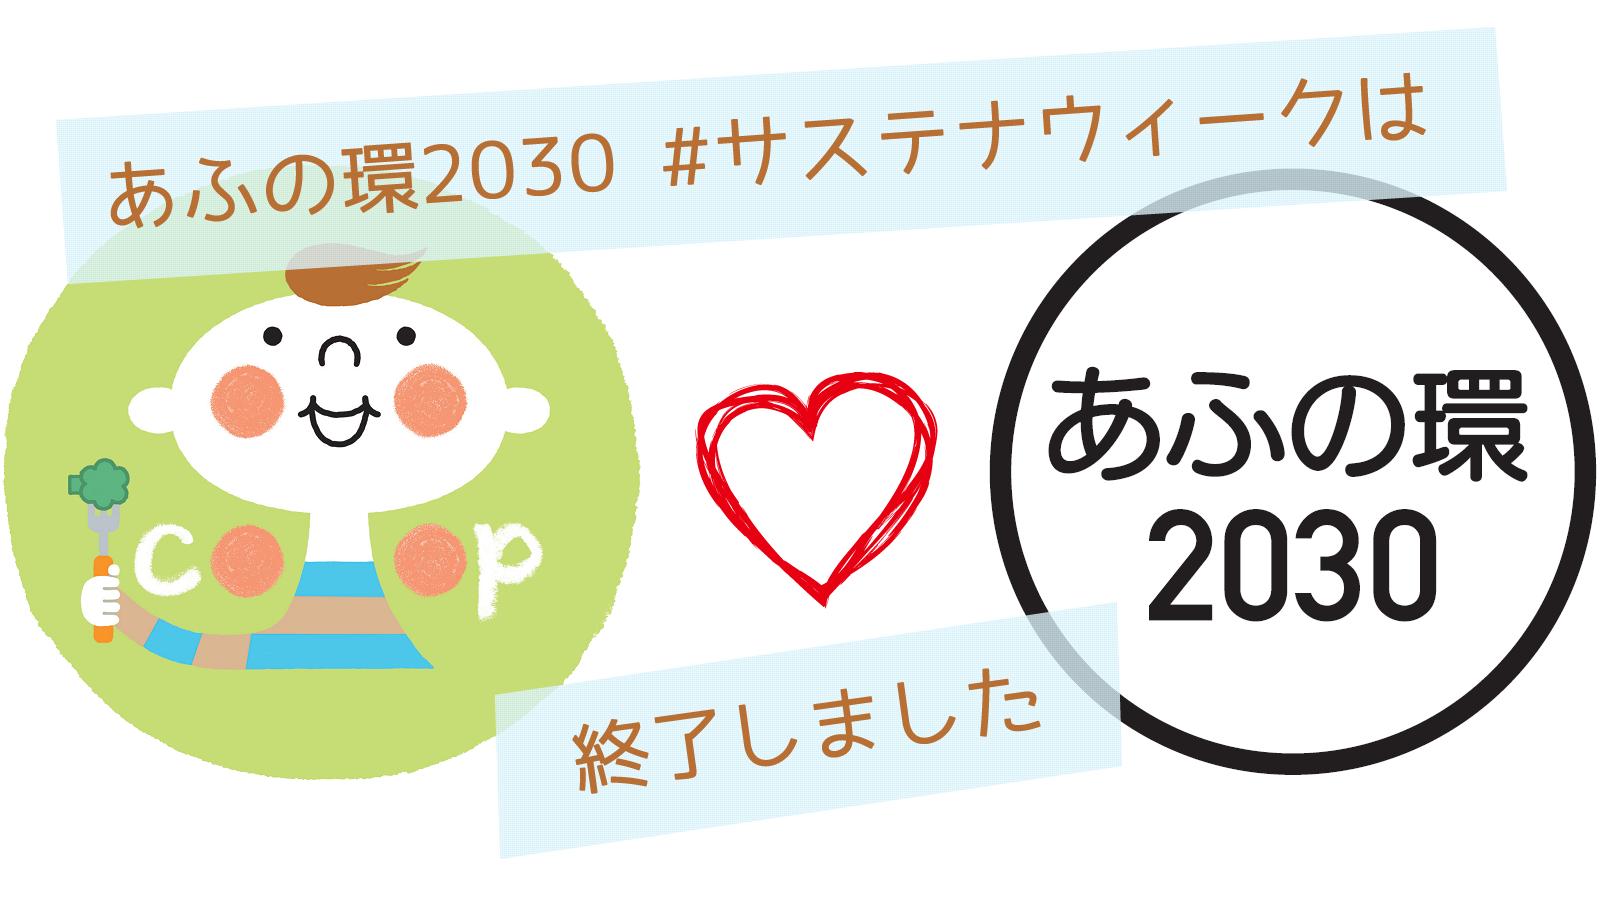 9月17日→9月27日は、あふの環2030 #サステナウィーク コープデリで、マイエシカルをみつけよう!